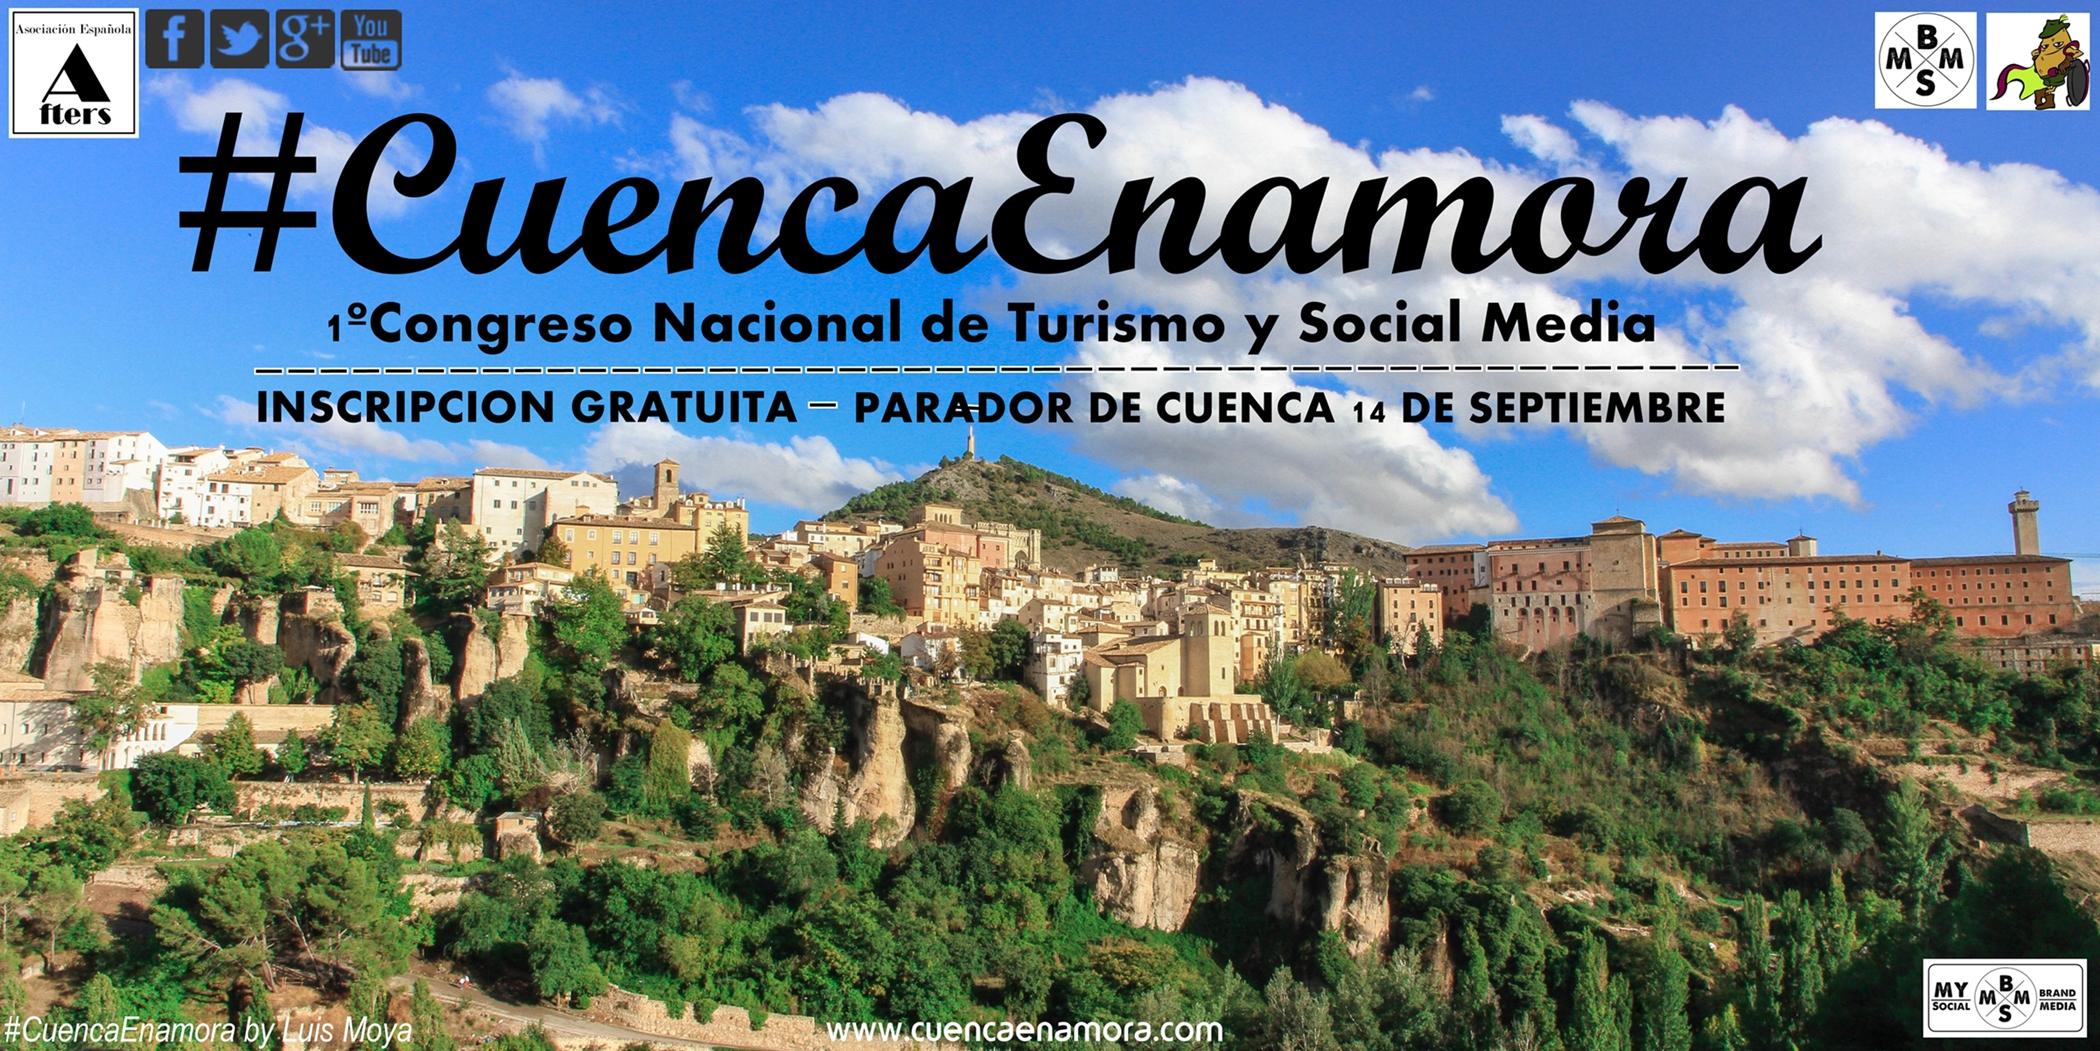 """LIVE: Congreso Nacional """"Turismo y Social Media"""" #CuencaEnamora, 14.Septiembre, 11:00 by agoraNEWS, Mario Schumacher Blog"""